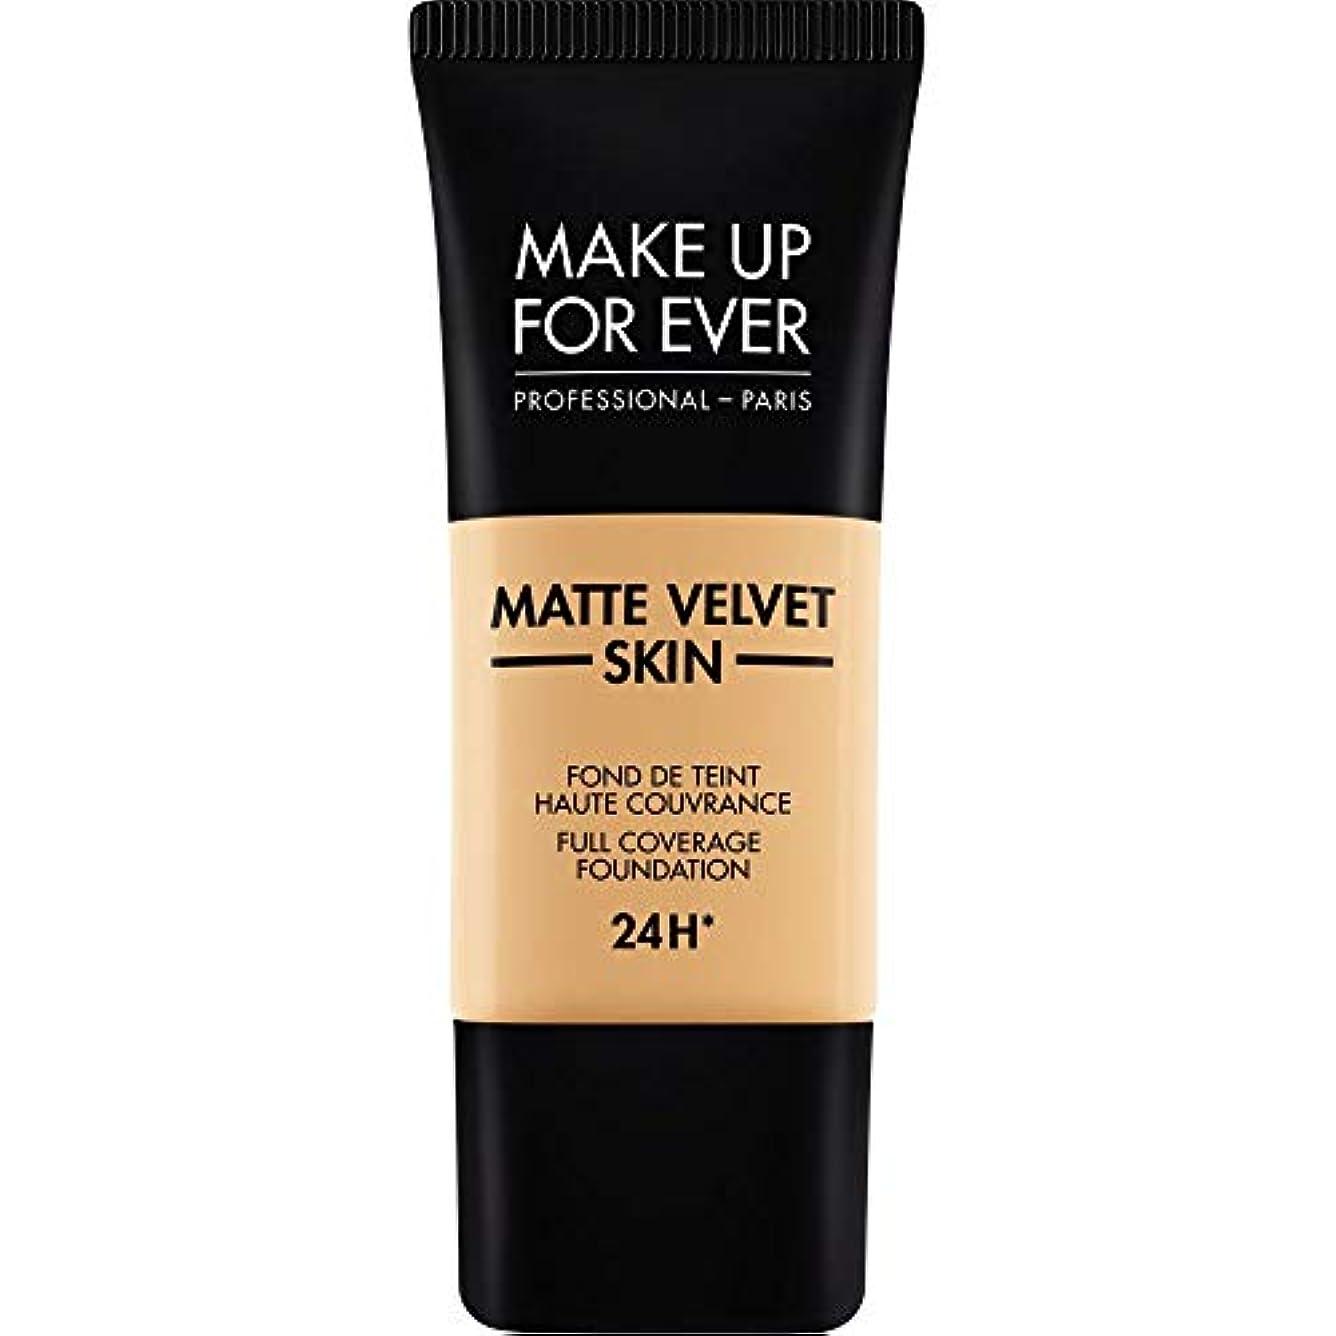 文芸場所逃れる[MAKE UP FOR EVER ] ナチュラルベージュ - これまでマットベルベットの皮膚のフルカバレッジ基礎30ミリリットルのY345を補います - MAKE UP FOR EVER Matte Velvet Skin...